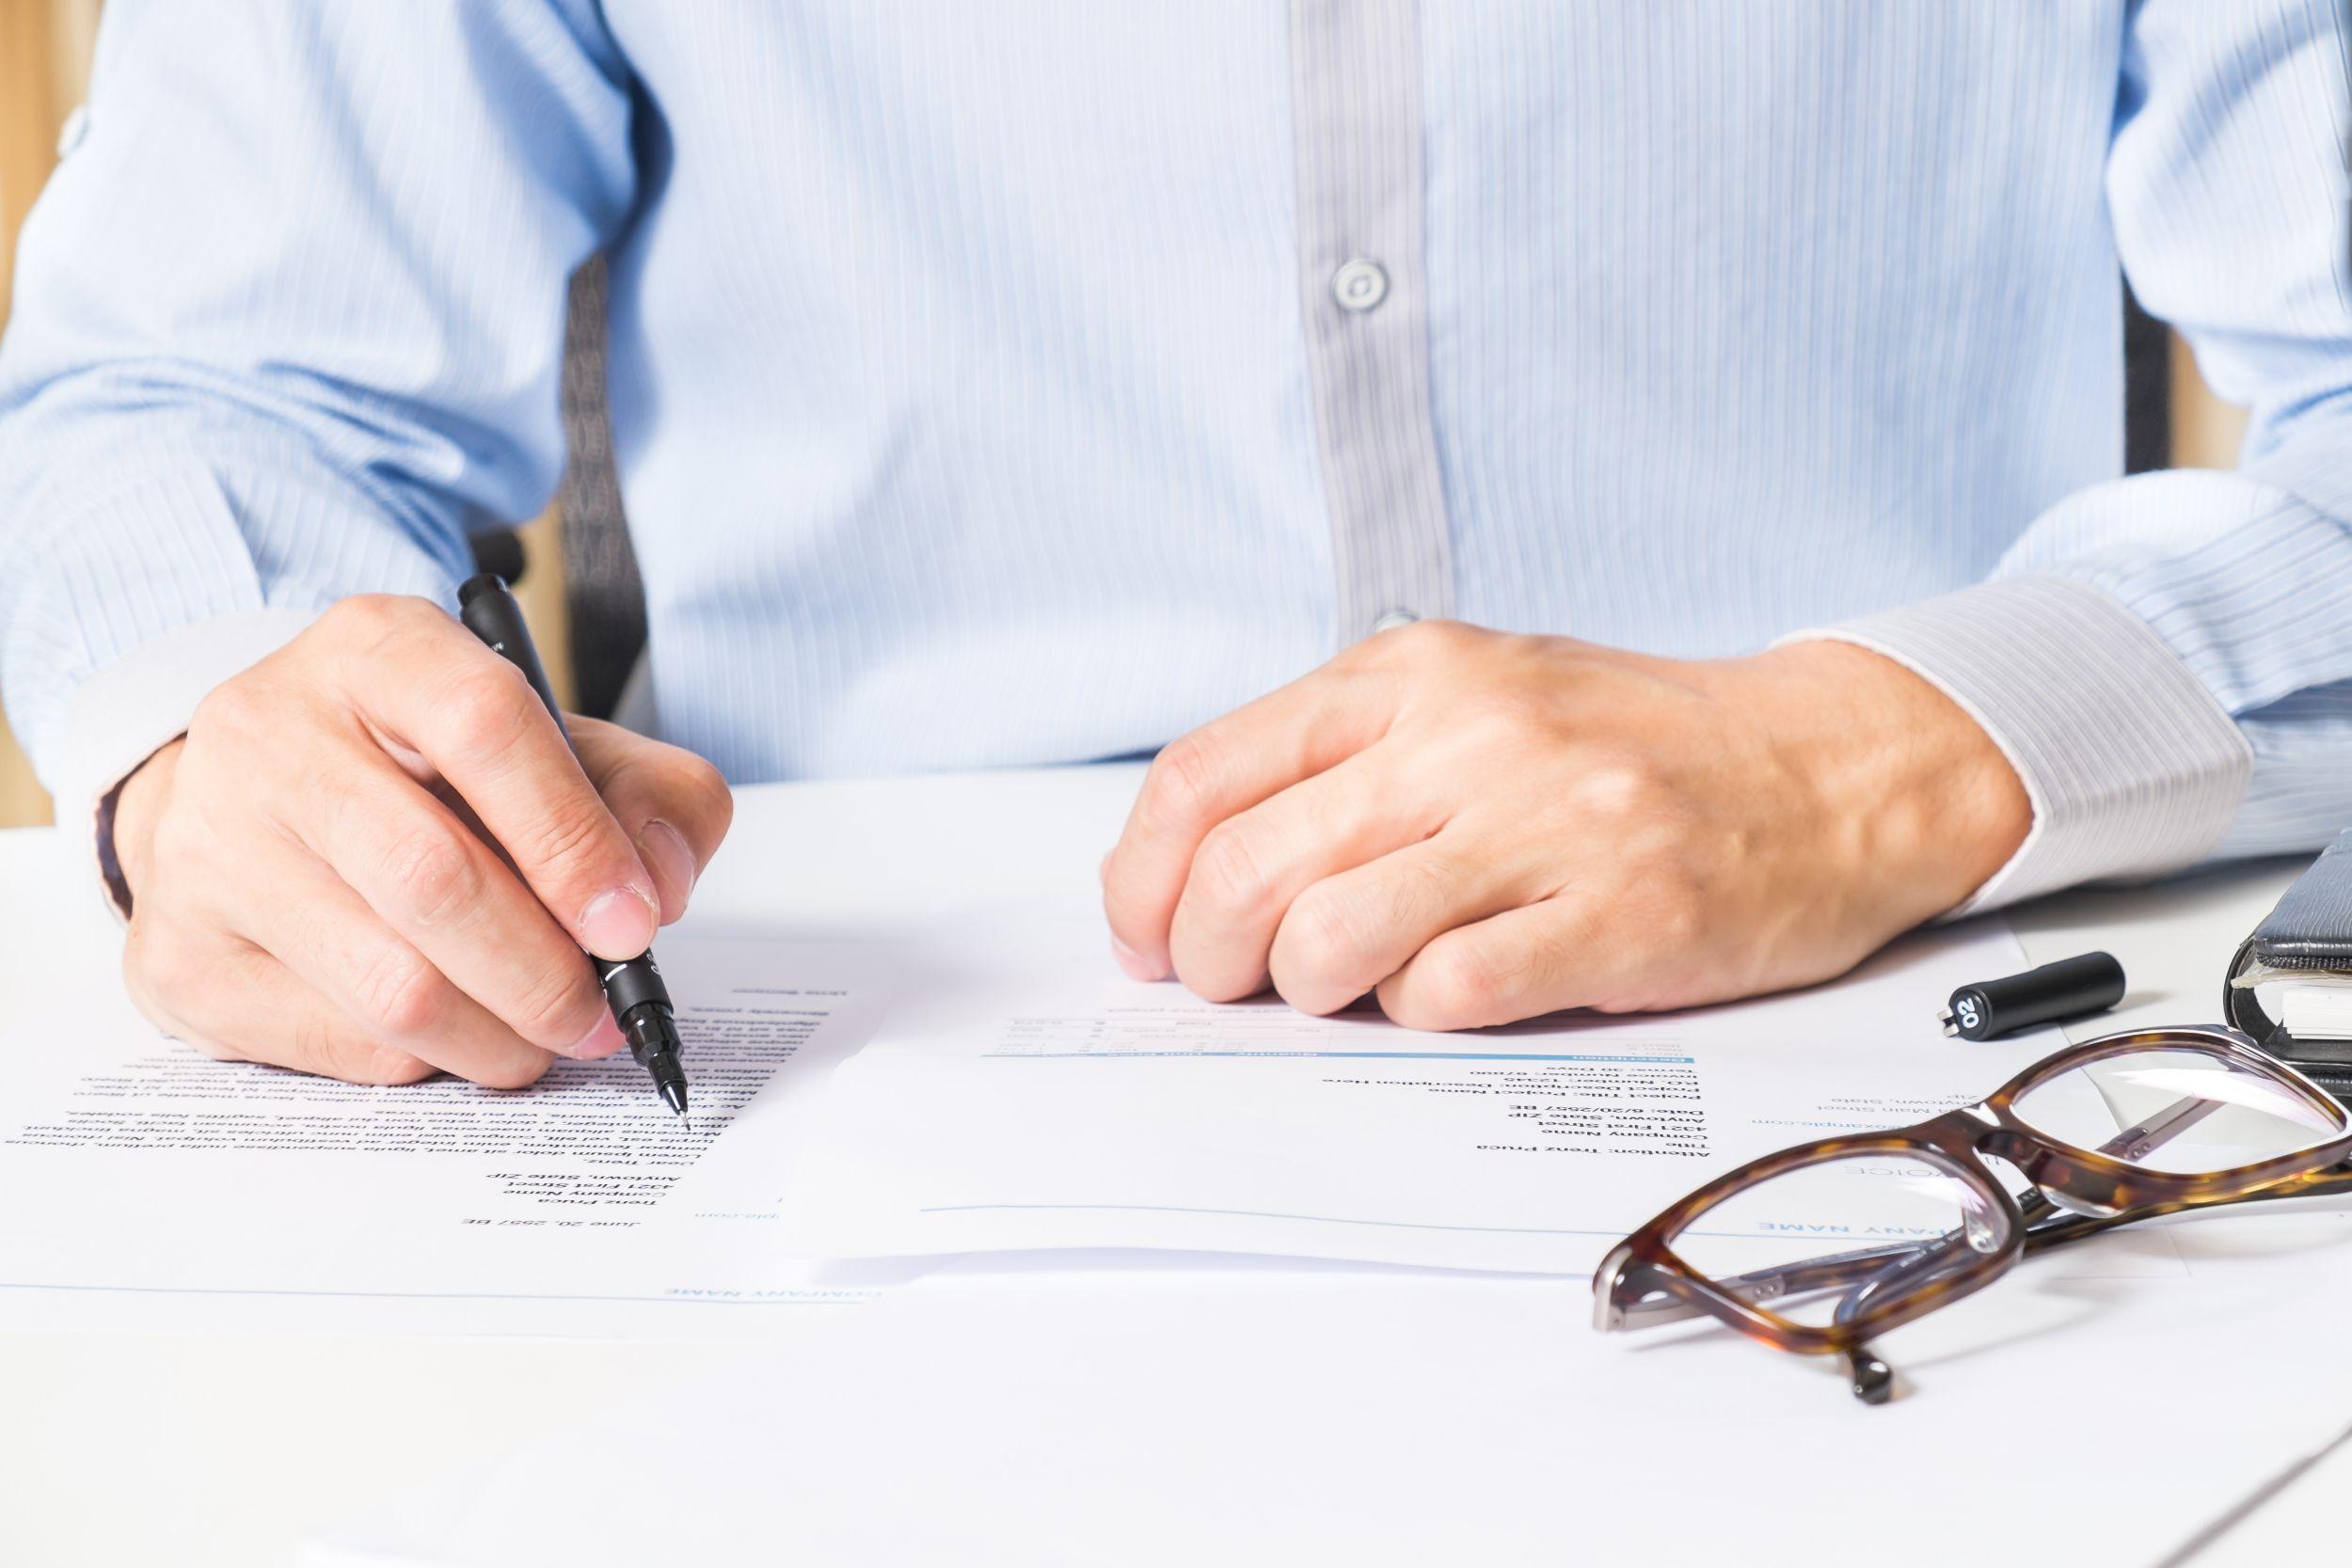 申请商业融资时的六个实用提示